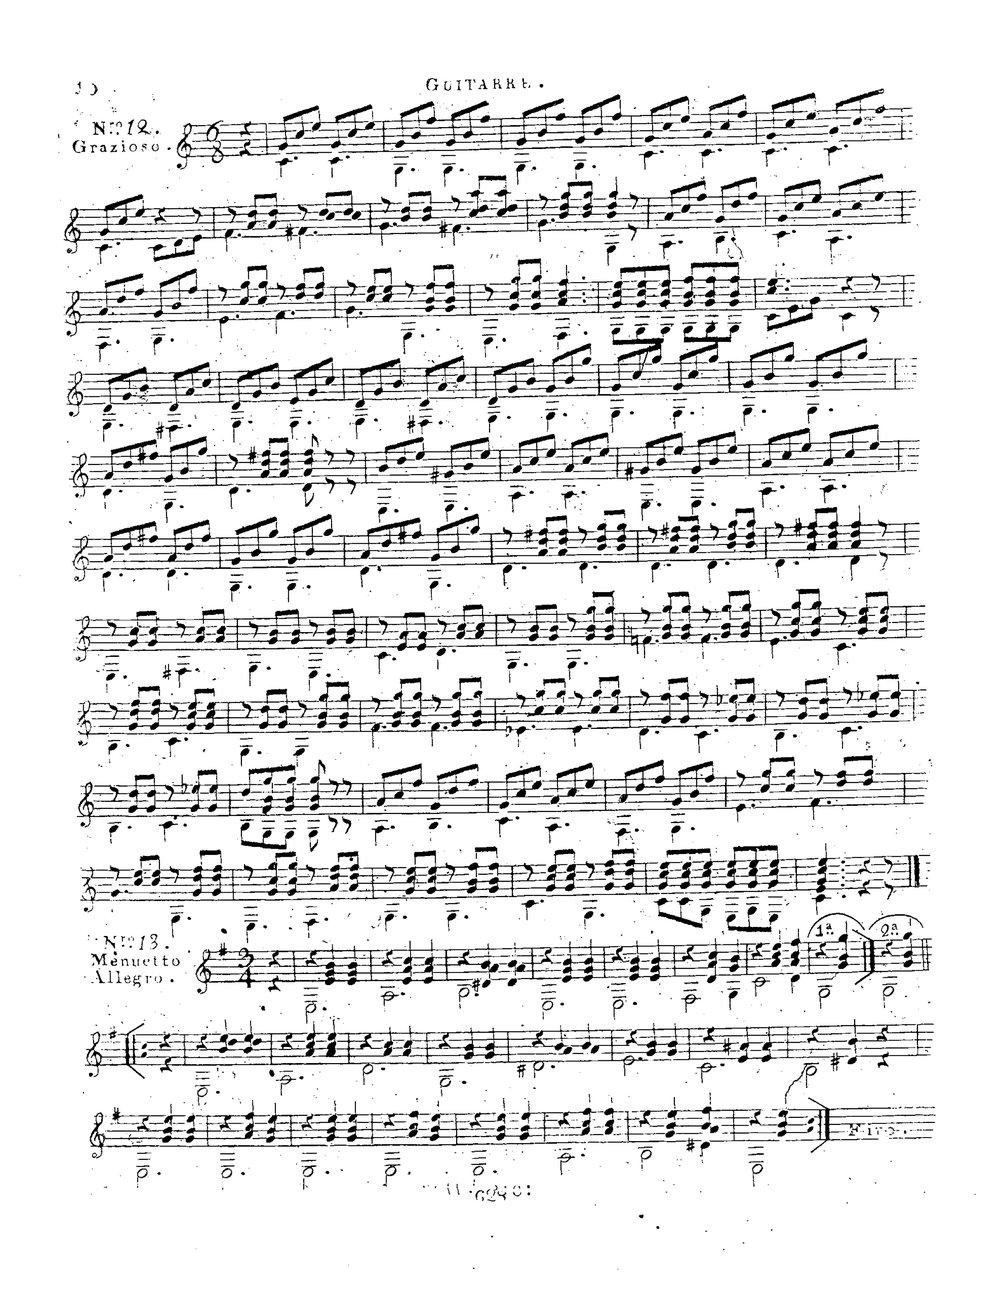 16 Pièces faciles et agréables, Op.74 (Giuliani, Mauro) 9.jpg